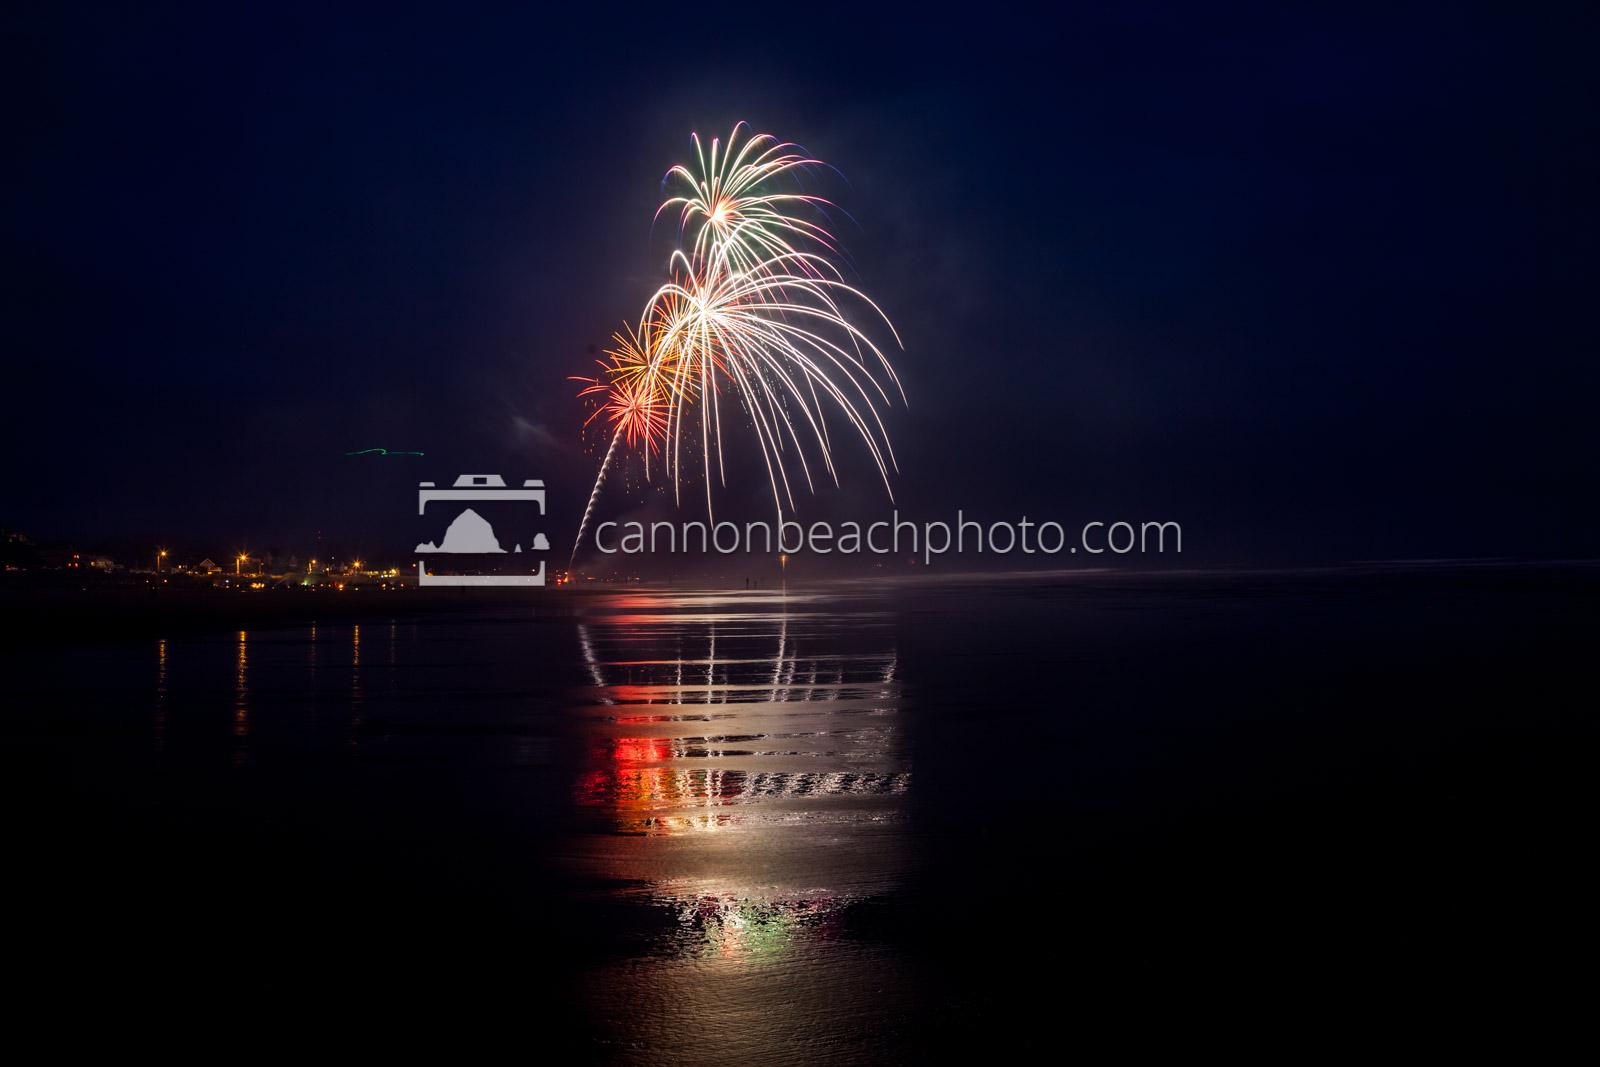 Oregon Coast Fireworks Show Reflecting